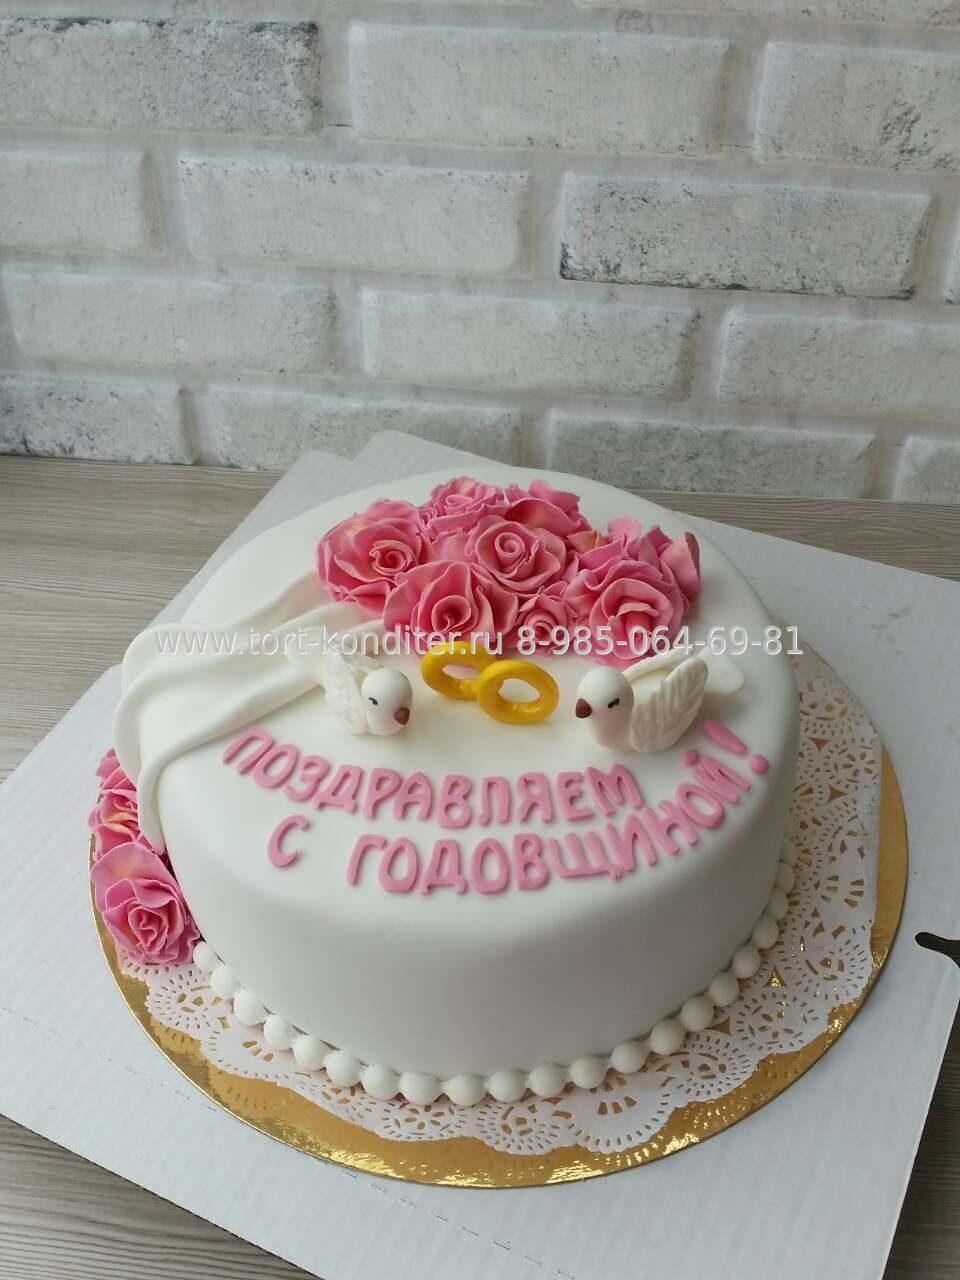 Годовщина свадьбы фото для торта